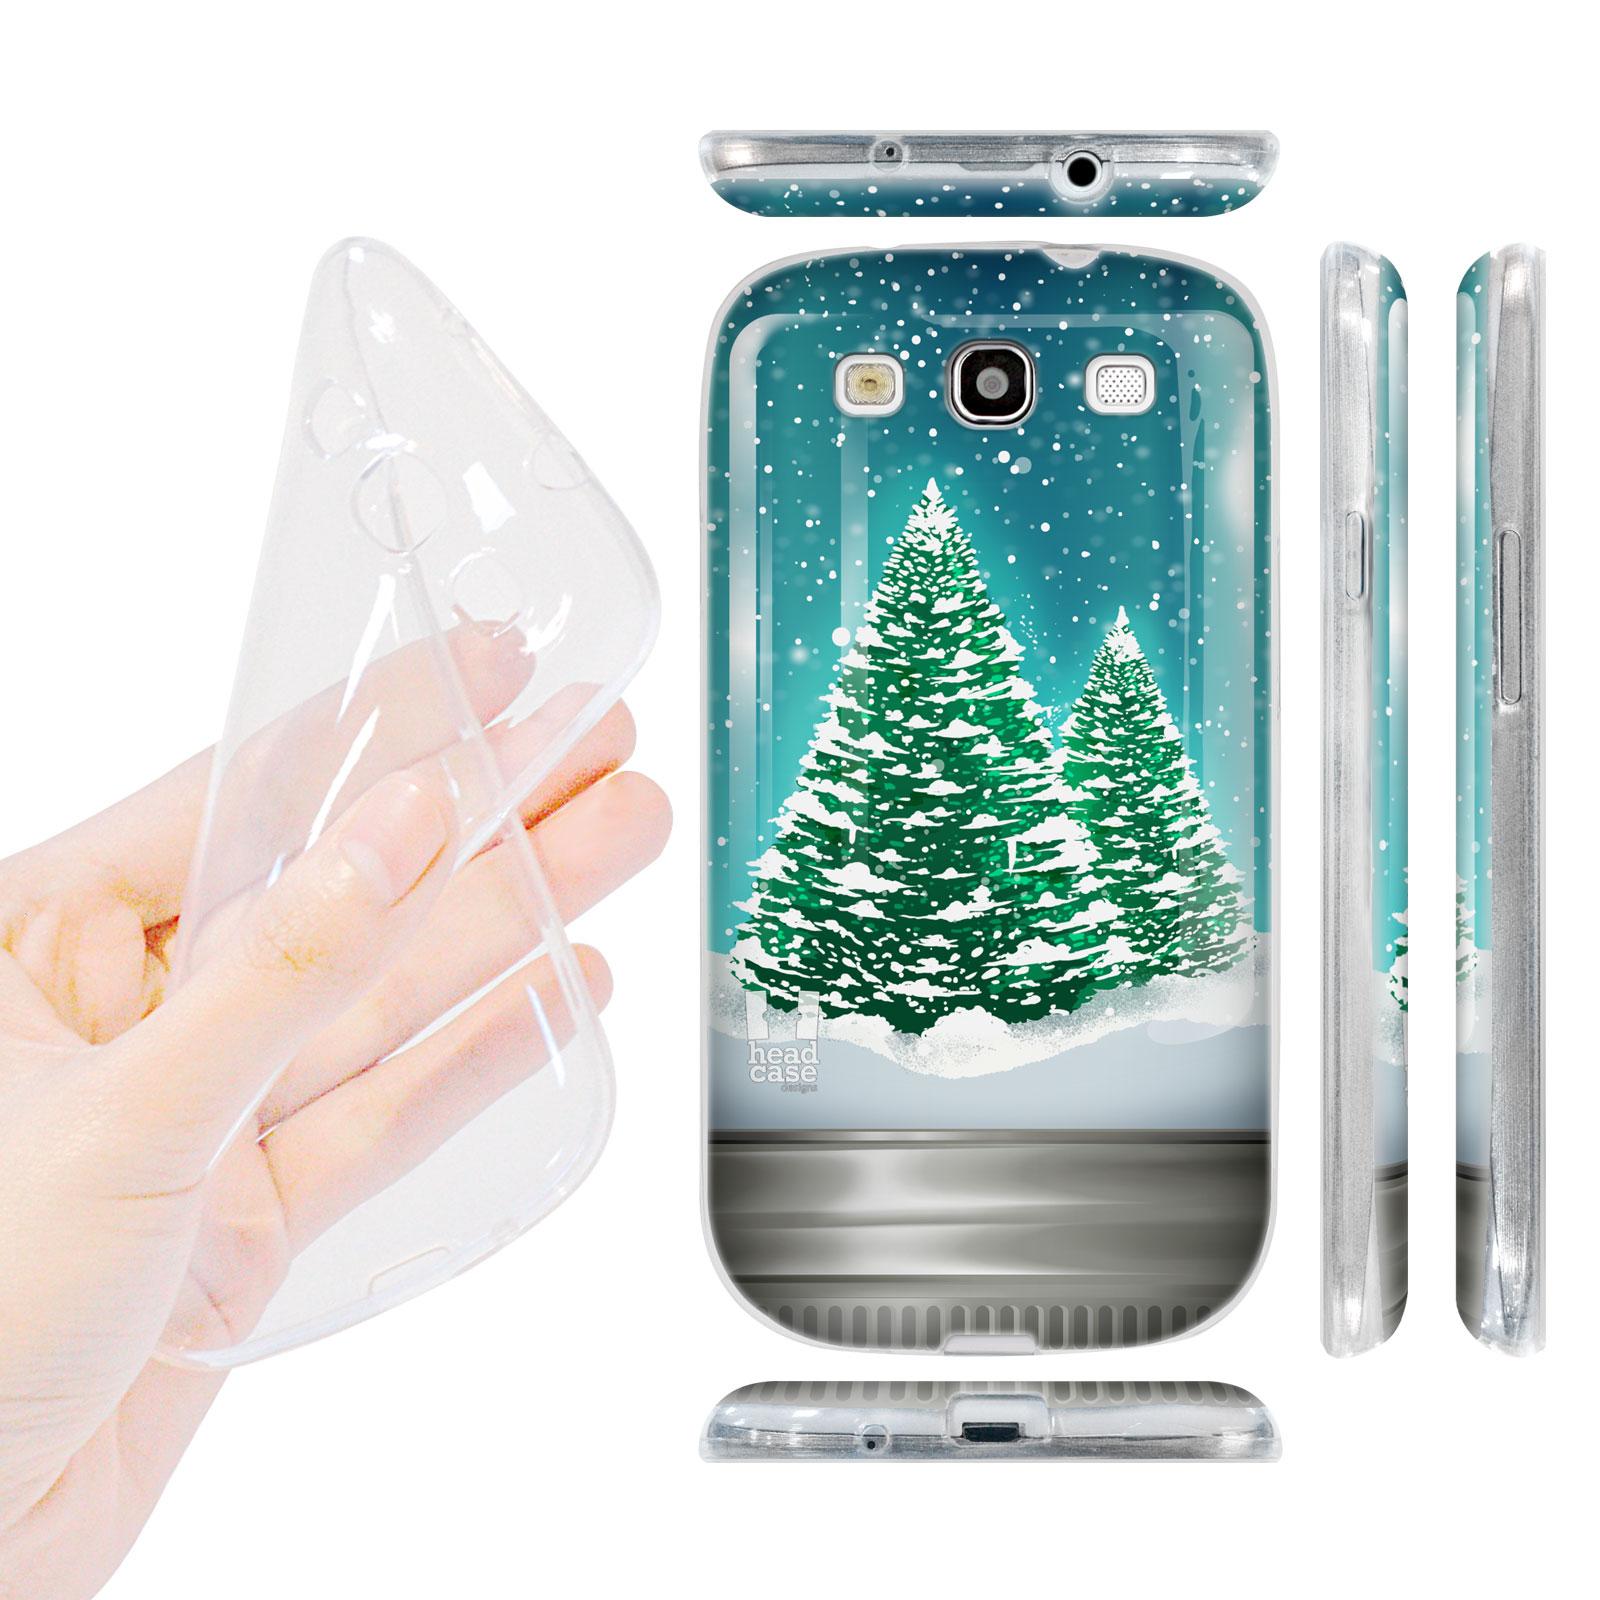 HEAD CASE silikonový obal na mobil Galaxy S3 i9300 Vánoce skleněná koule stromeček zelená